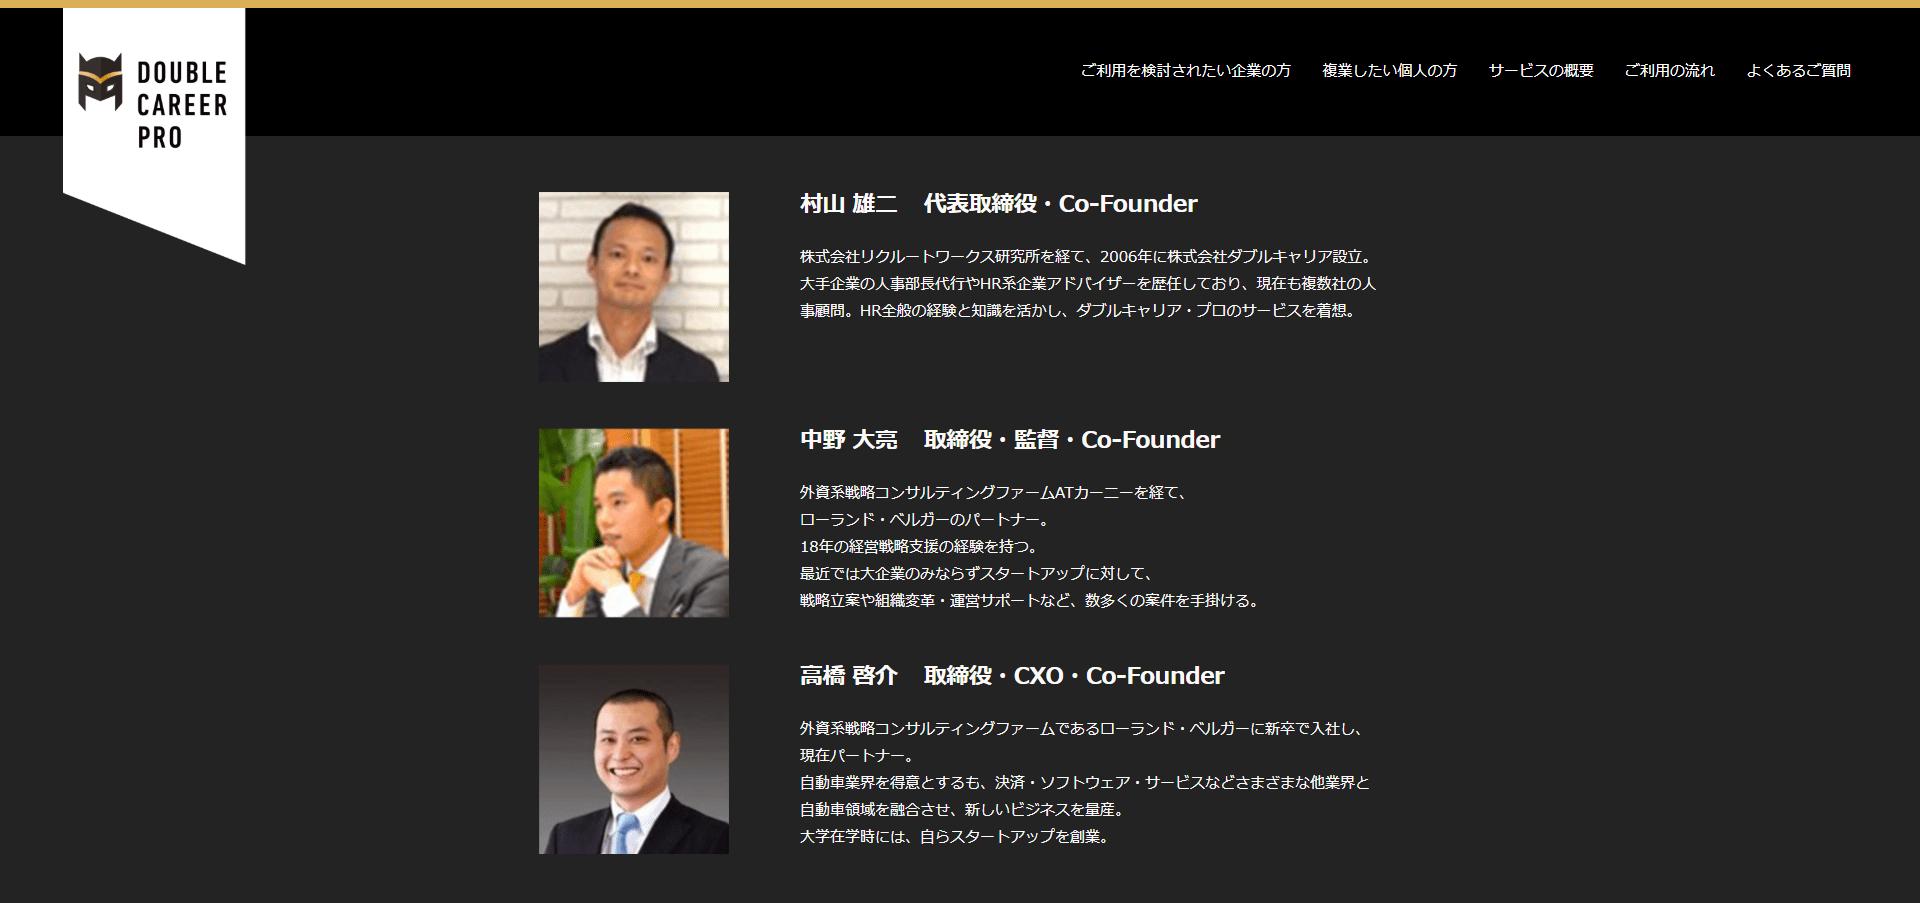 ダブルキャリア・プロ_ローランドベルガー副業